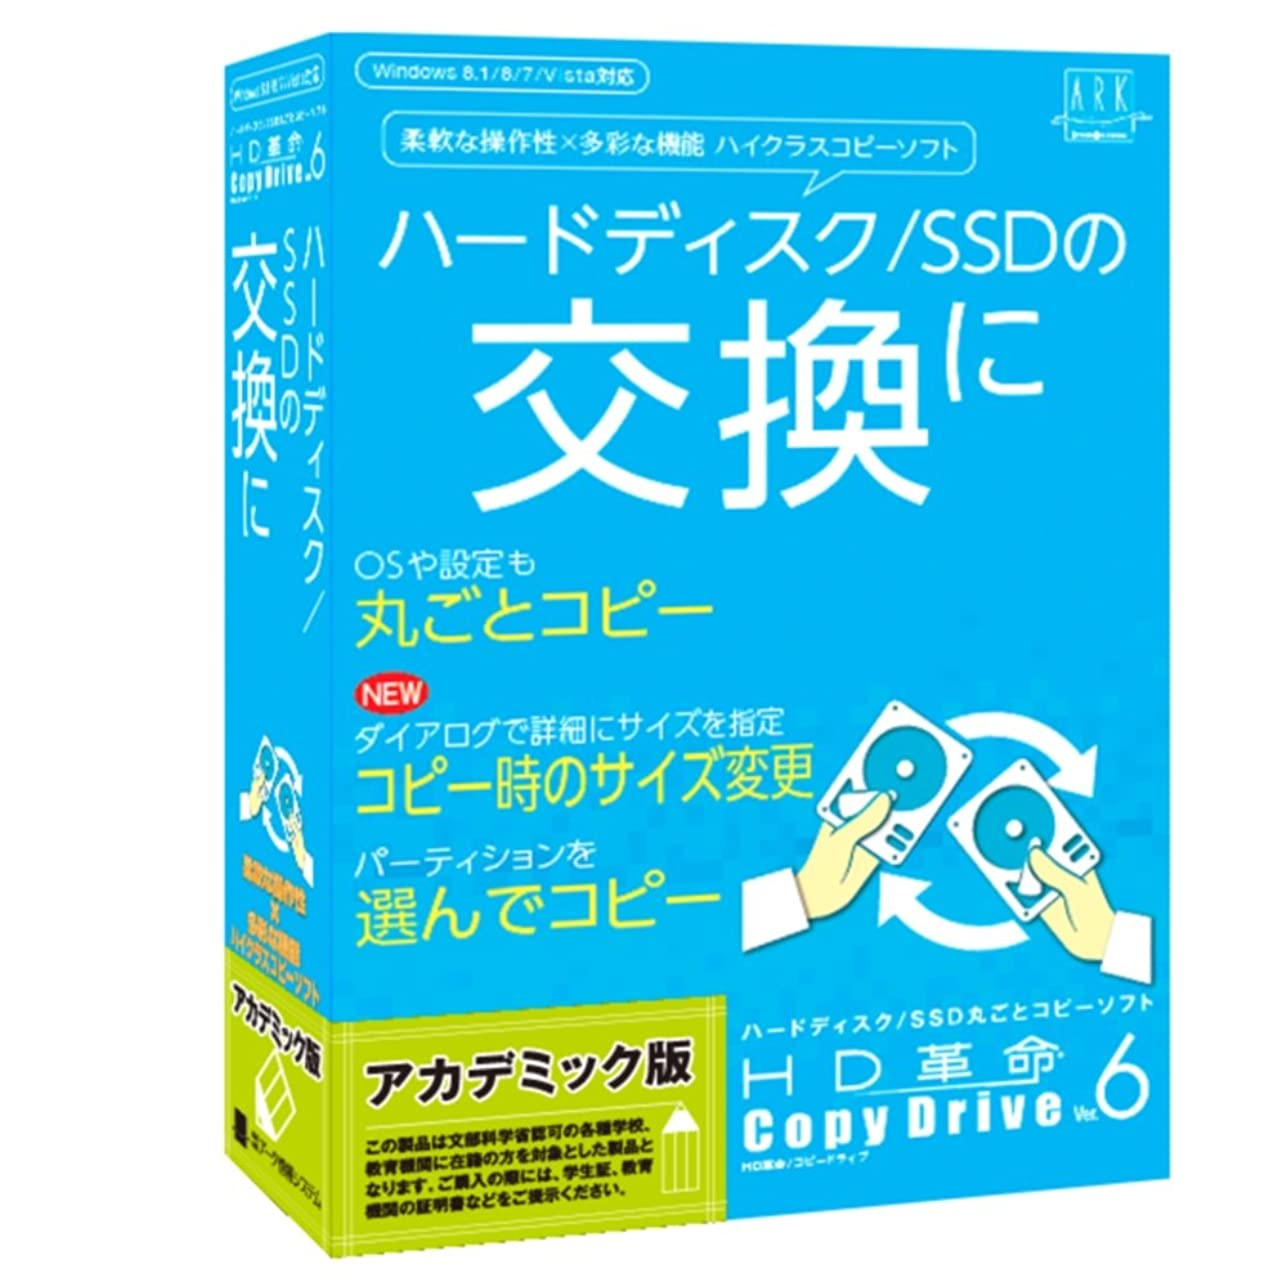 盆長椅子異邦人アーク情報システム HD革命/CopyDrive V6 アカデミック版